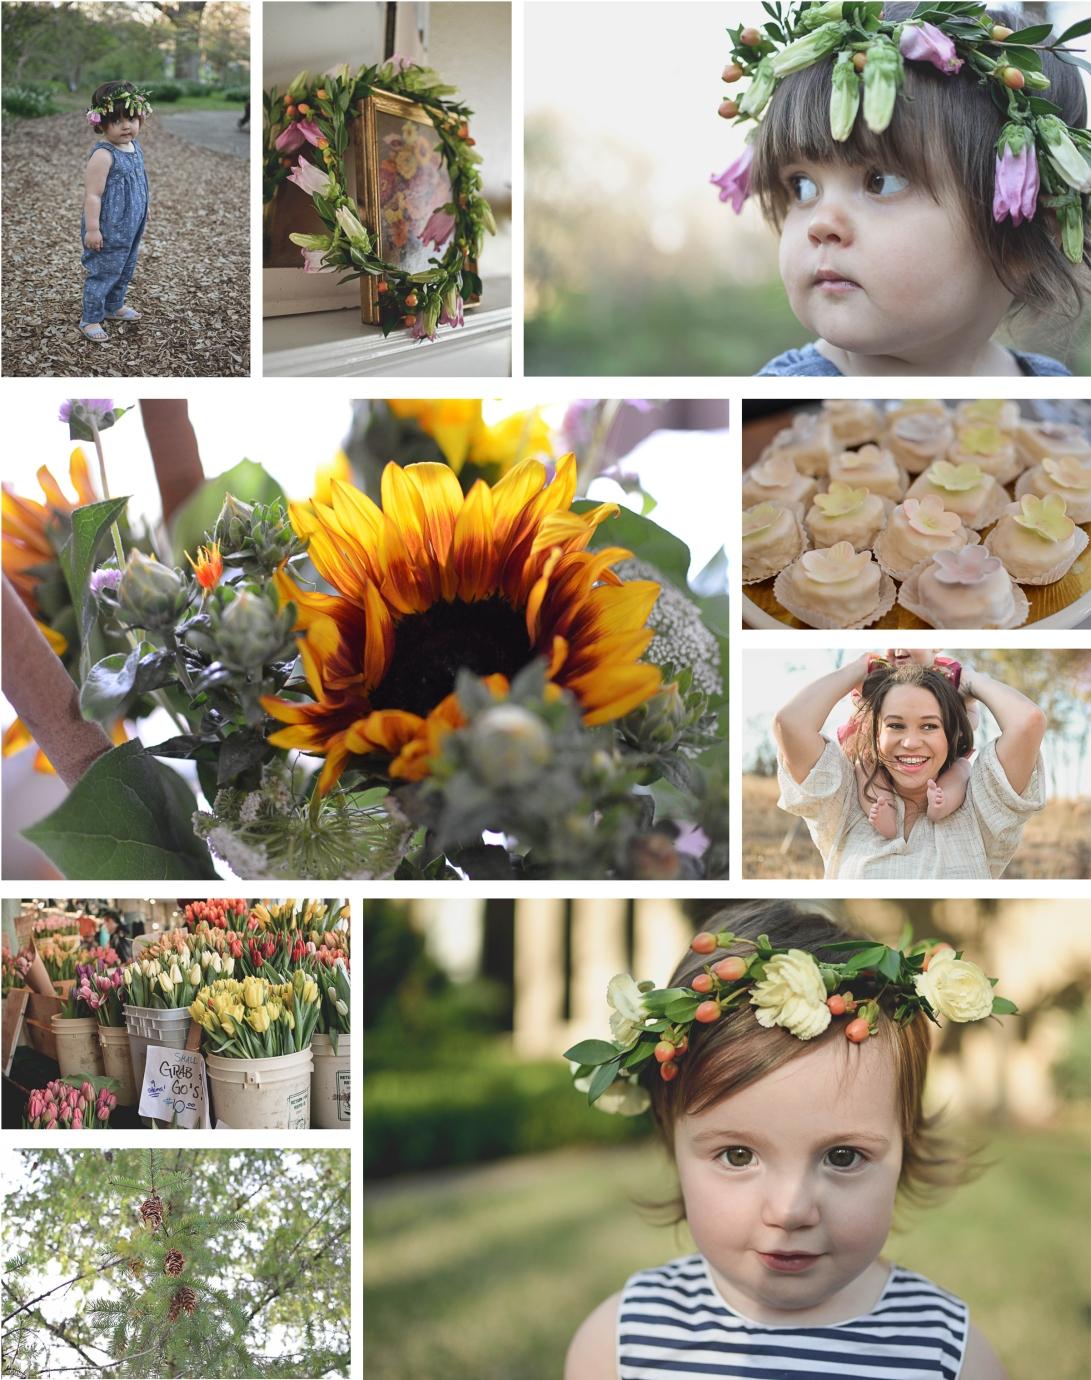 Spring Gallery Photos